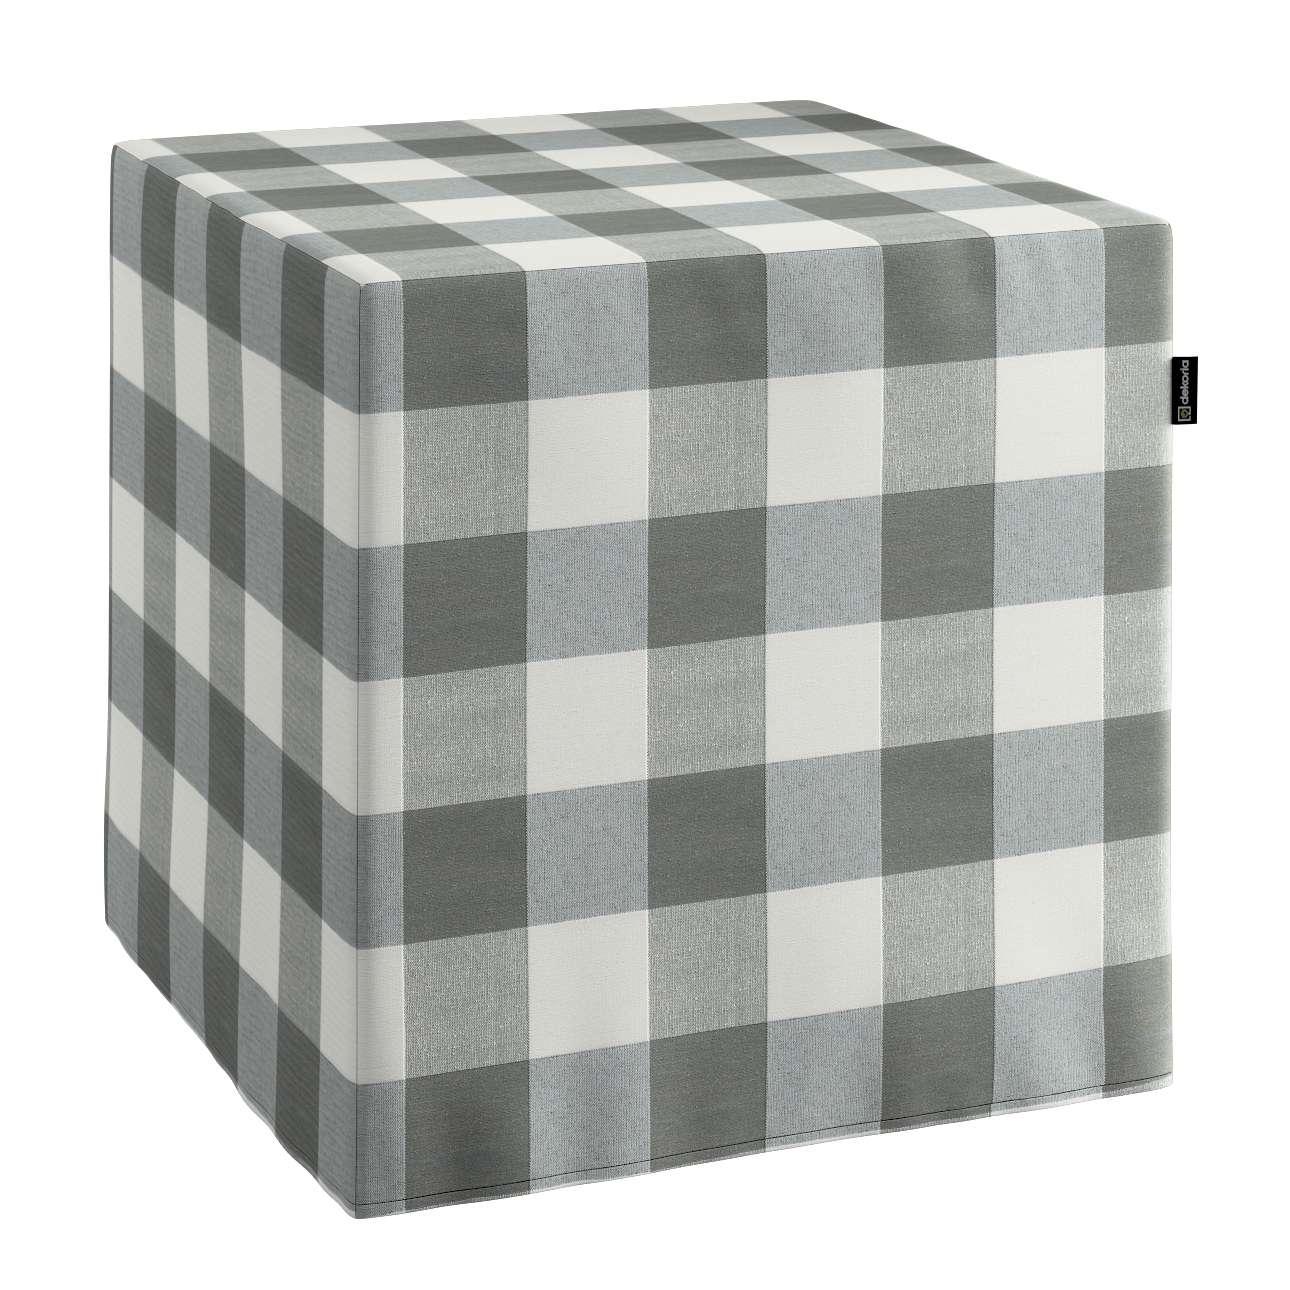 Sedák Cube - kostka pevná 40x40x40 v kolekci Quadro, látka: 136-13